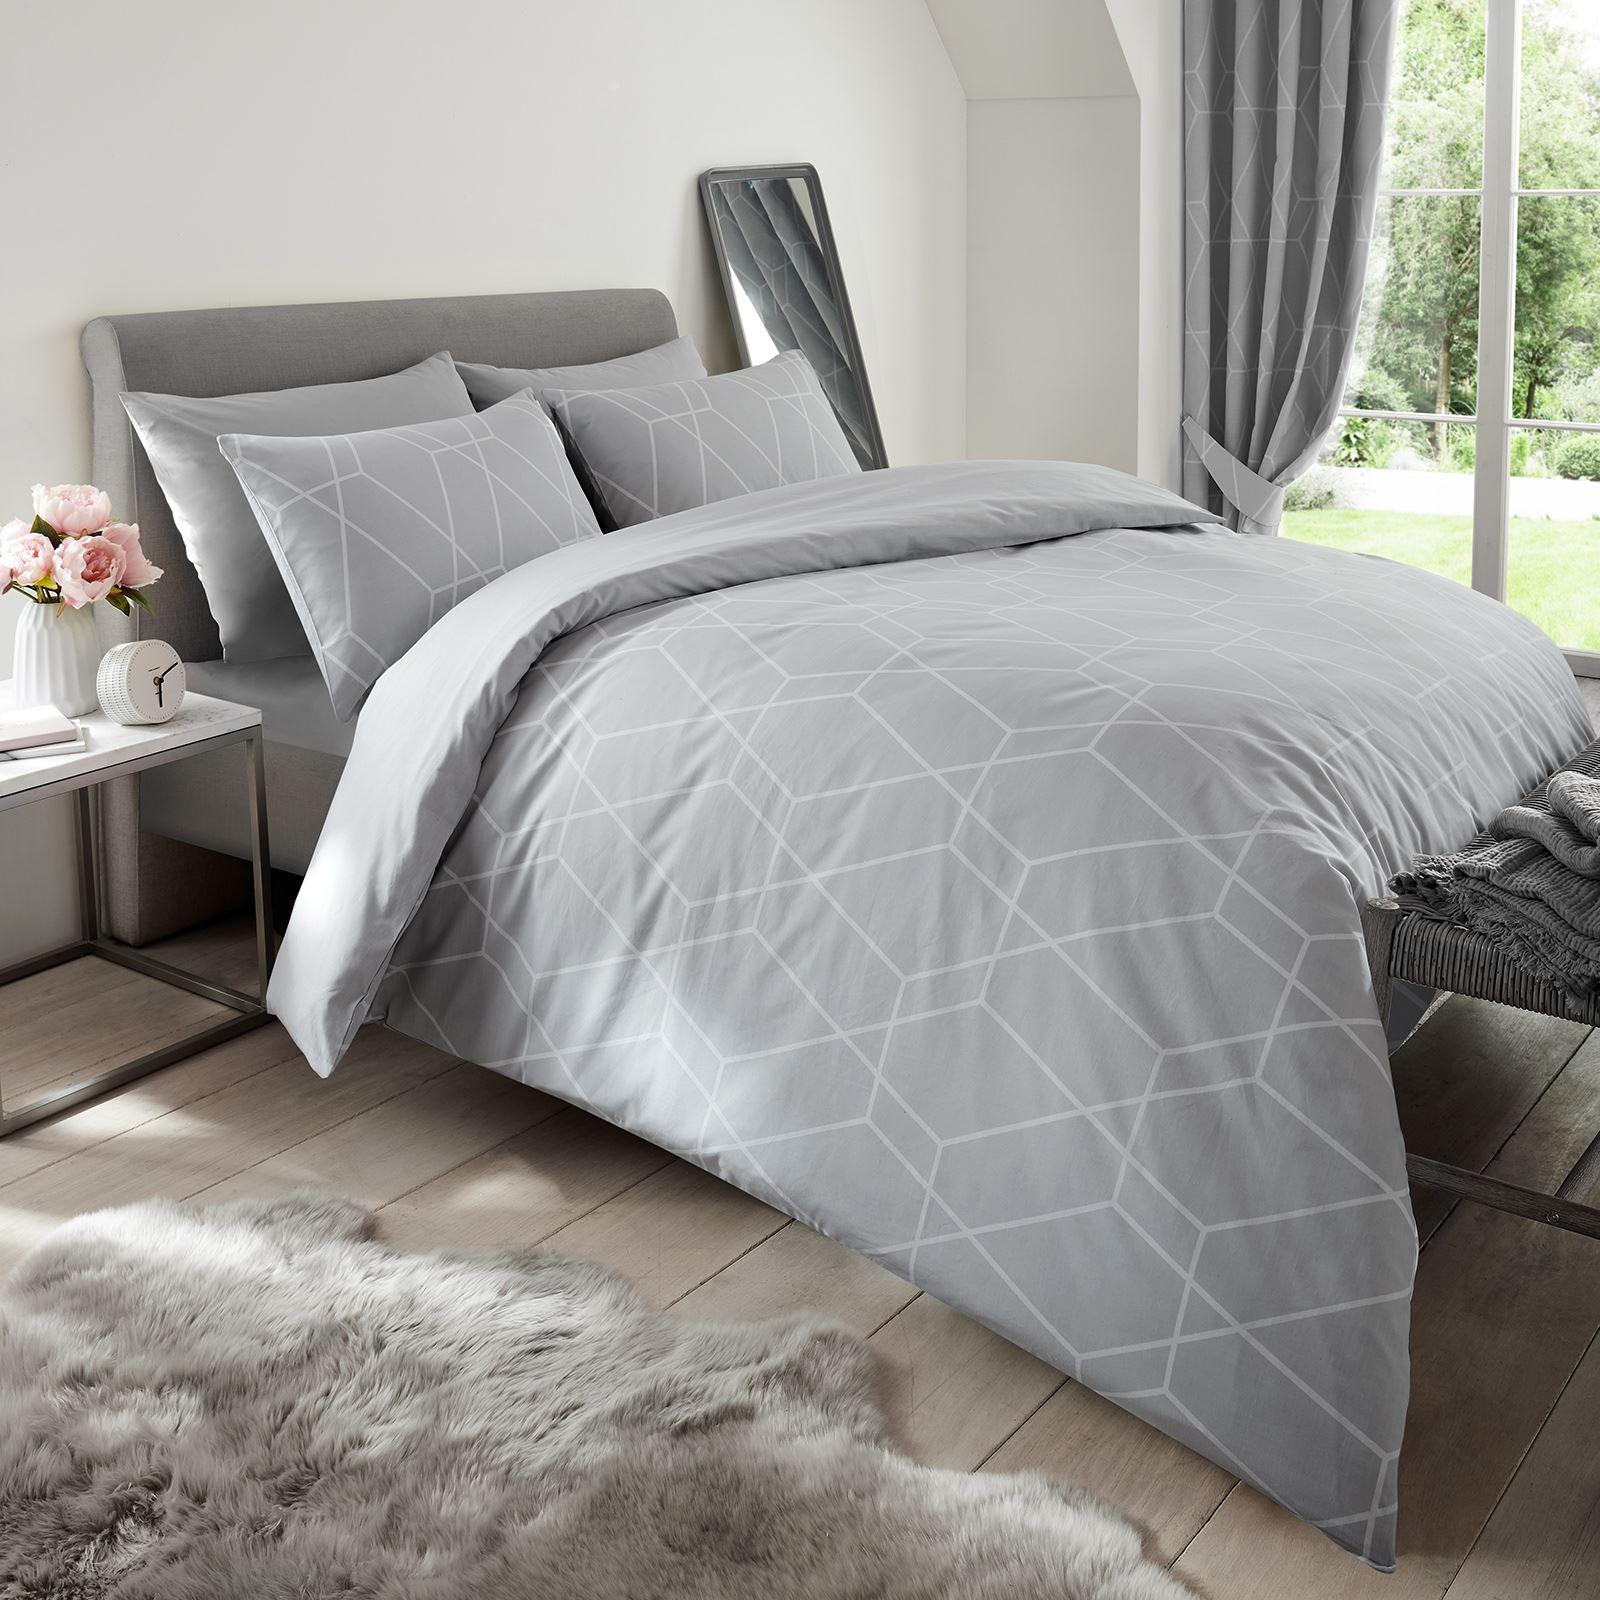 Geometrisch Bettwäsche Bettdecke Bezüge Grau Bunt Ebay